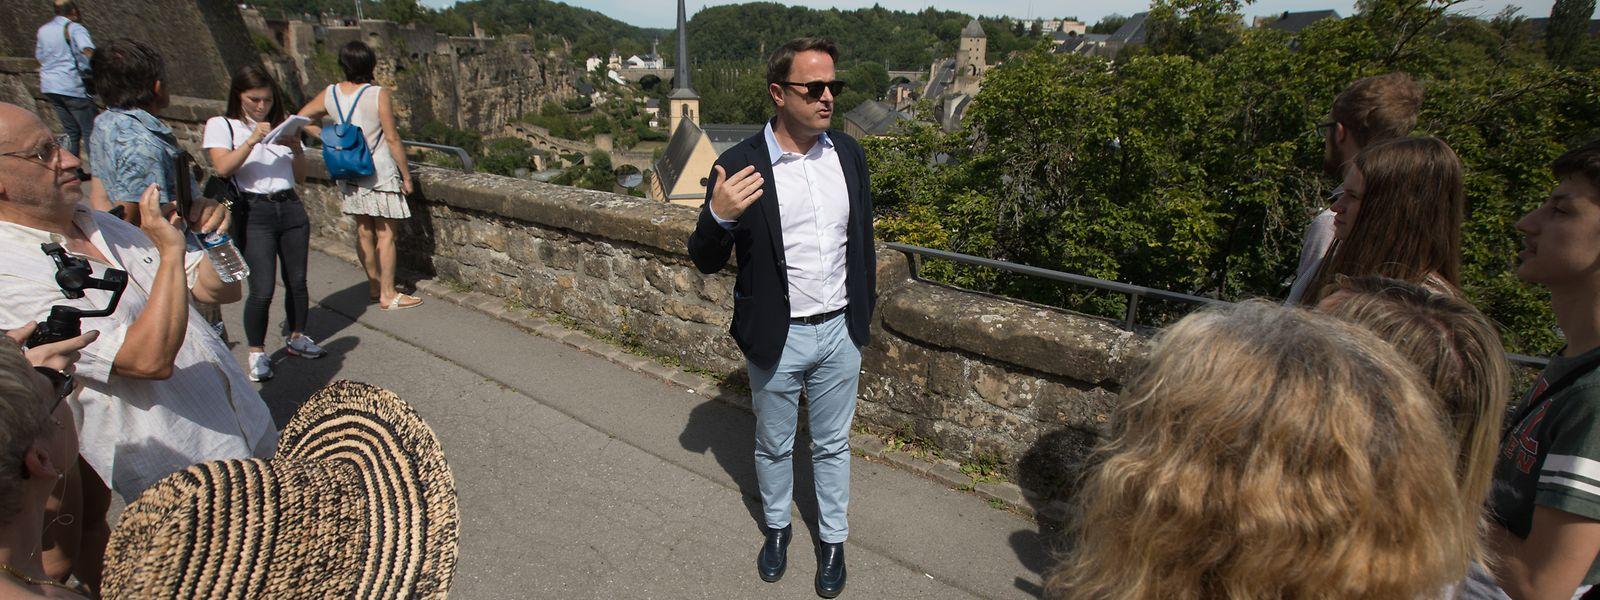 Premierminister Xavier Bettel lud auf einen touristischen Rundgang zu seinen eigenen Lieblingsplätzen in der Hauptstadt ein.